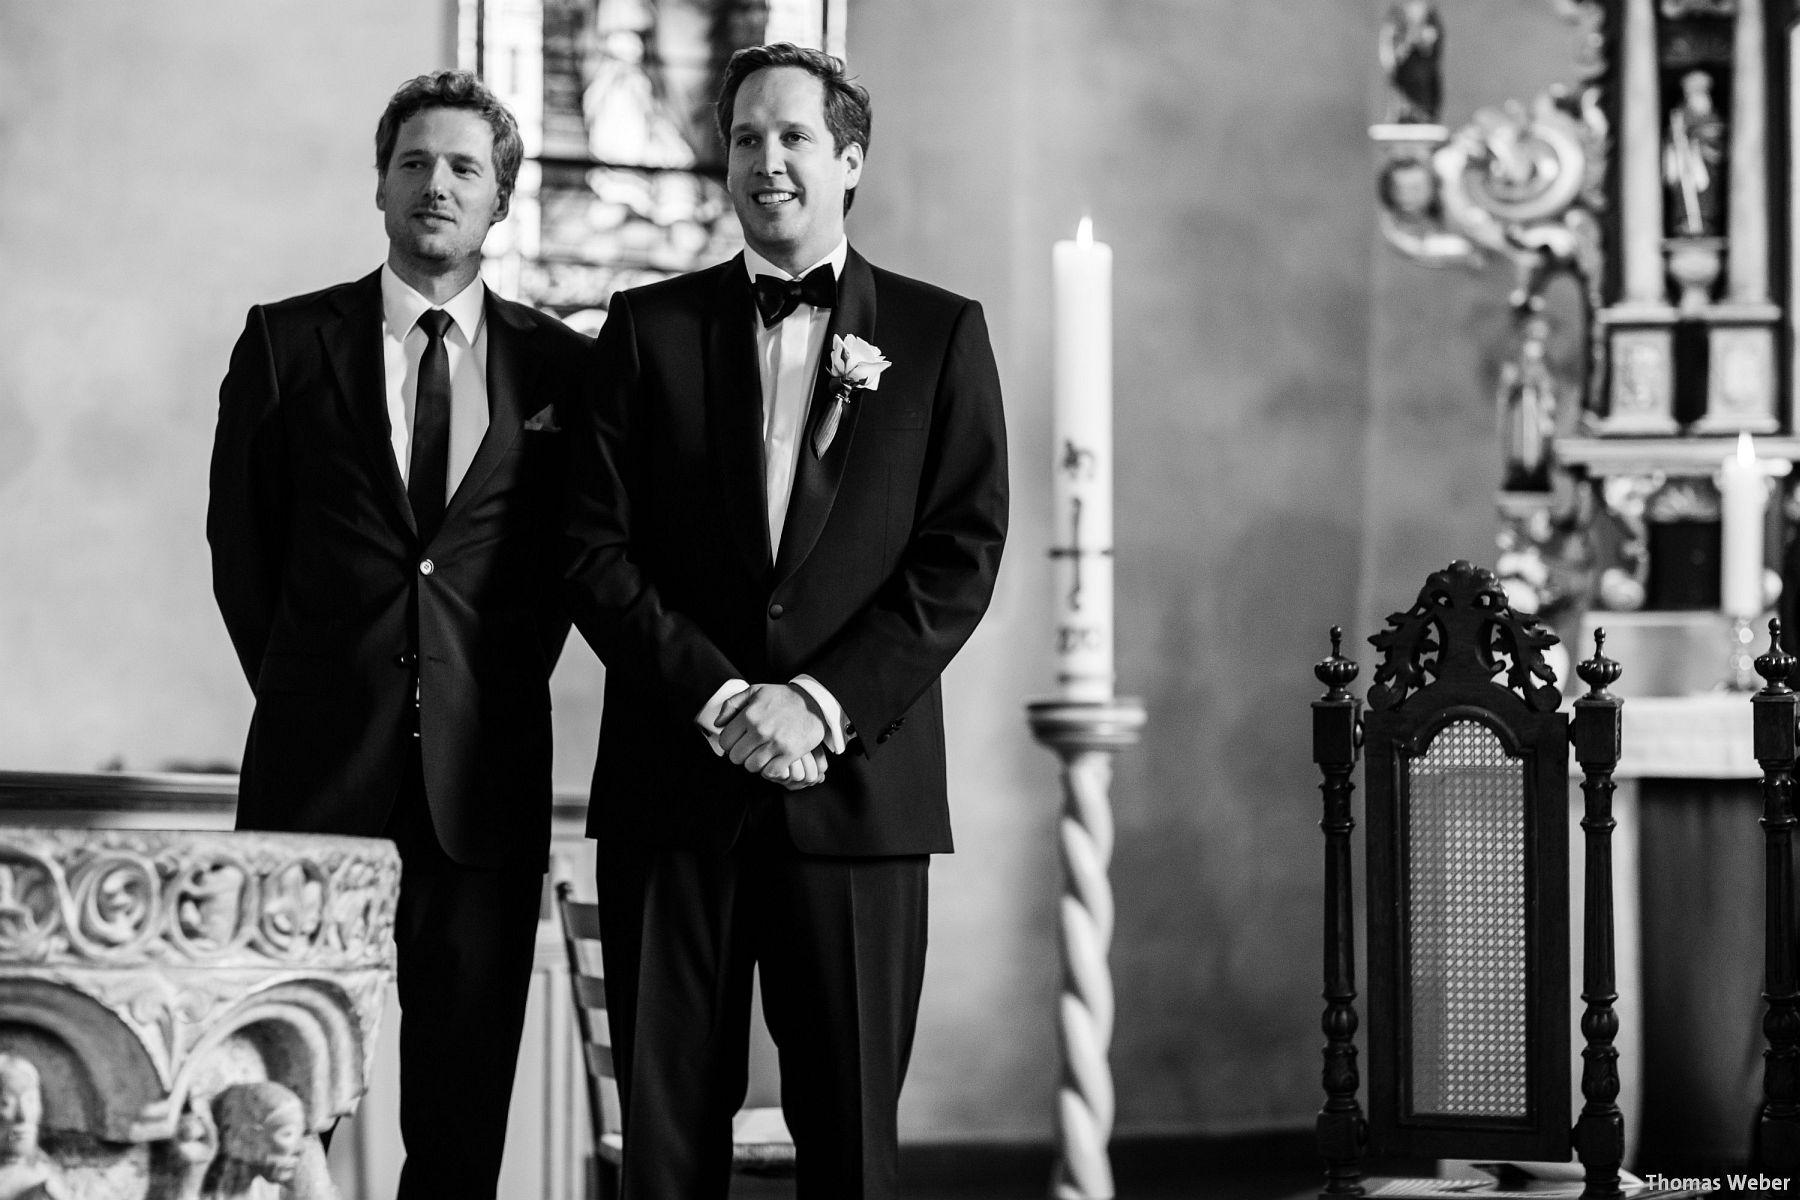 Hochzeitsfotograf Rastede: Kirchliche Trauung in der St. Ulrichs Kirche Rastede und Hochzeitsfeier in der Eventscheune St Georg Rastede mit dem Catering von Split Food (Michael Niebuhr) aus Oldenburg (16)